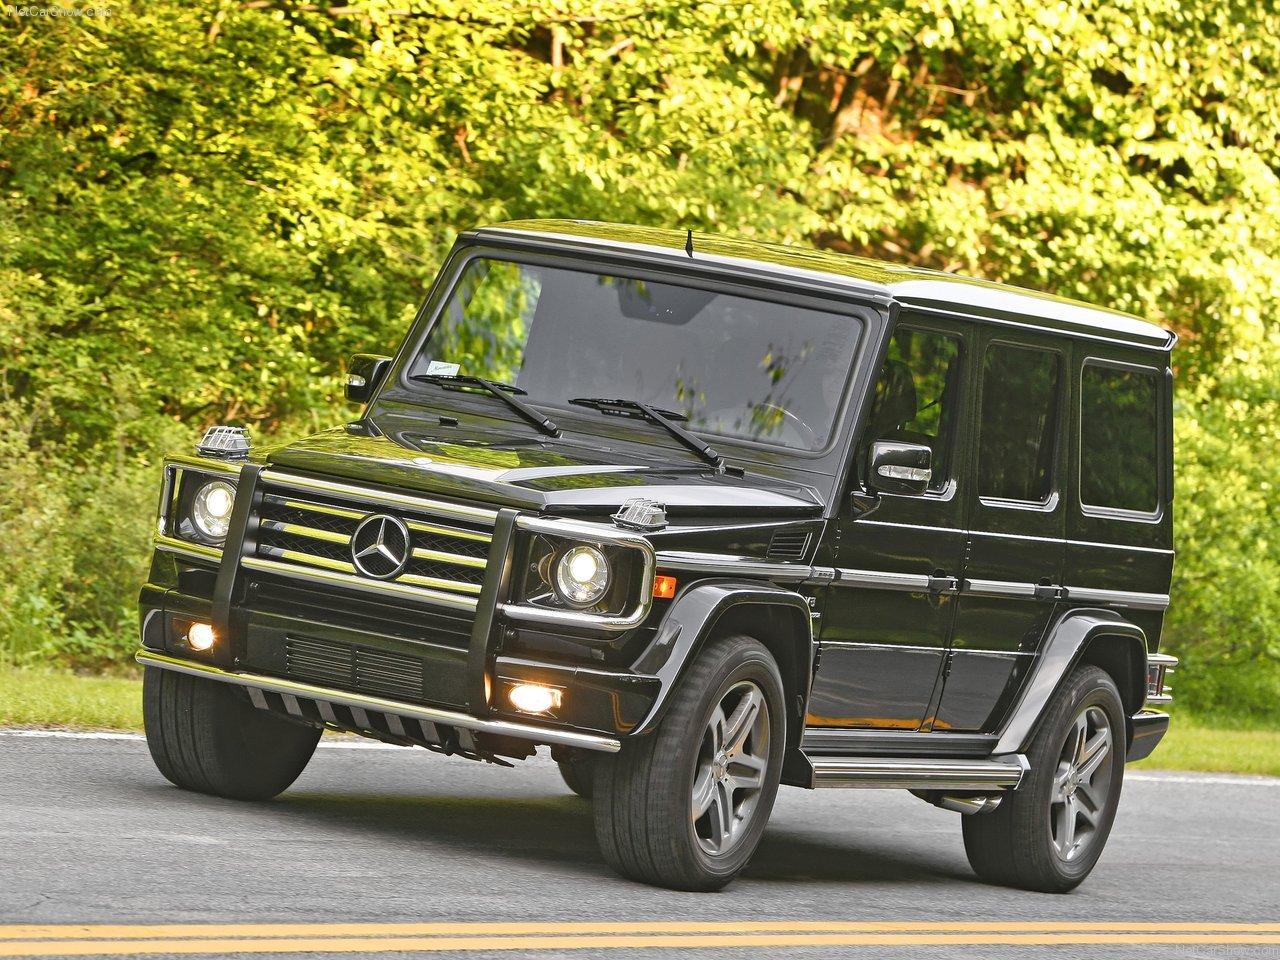 http://4.bp.blogspot.com/-qxT6jV8f_es/TWssdePZSRI/AAAAAAACLZs/KqdmtmJAiS4/s1600/Mercedes-Benz-G55_AMG_2009_1280x960_wallpaper_09.jpg